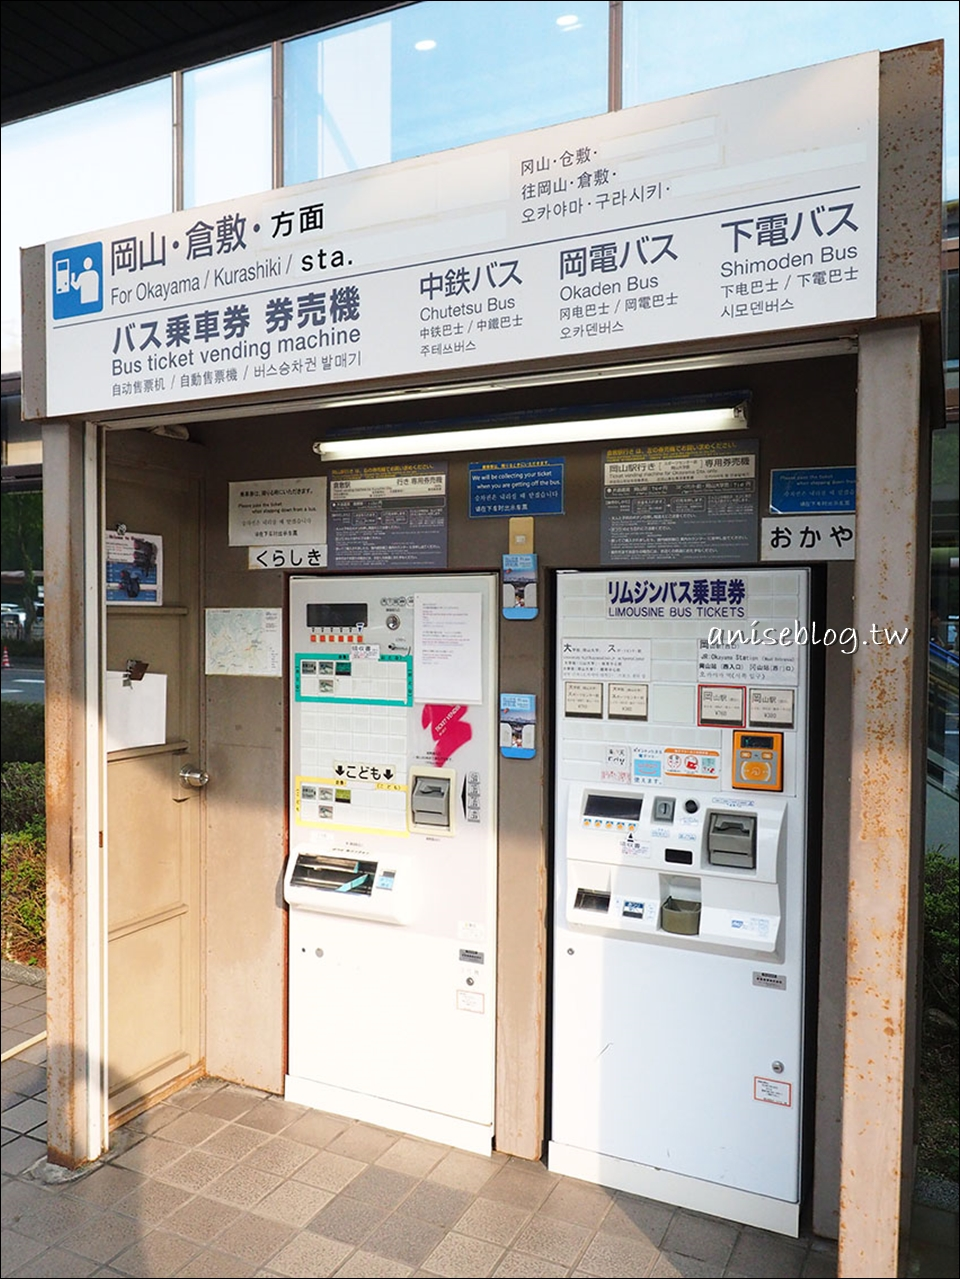 台灣虎航:桃園到岡山直飛,玩西日本好便利!